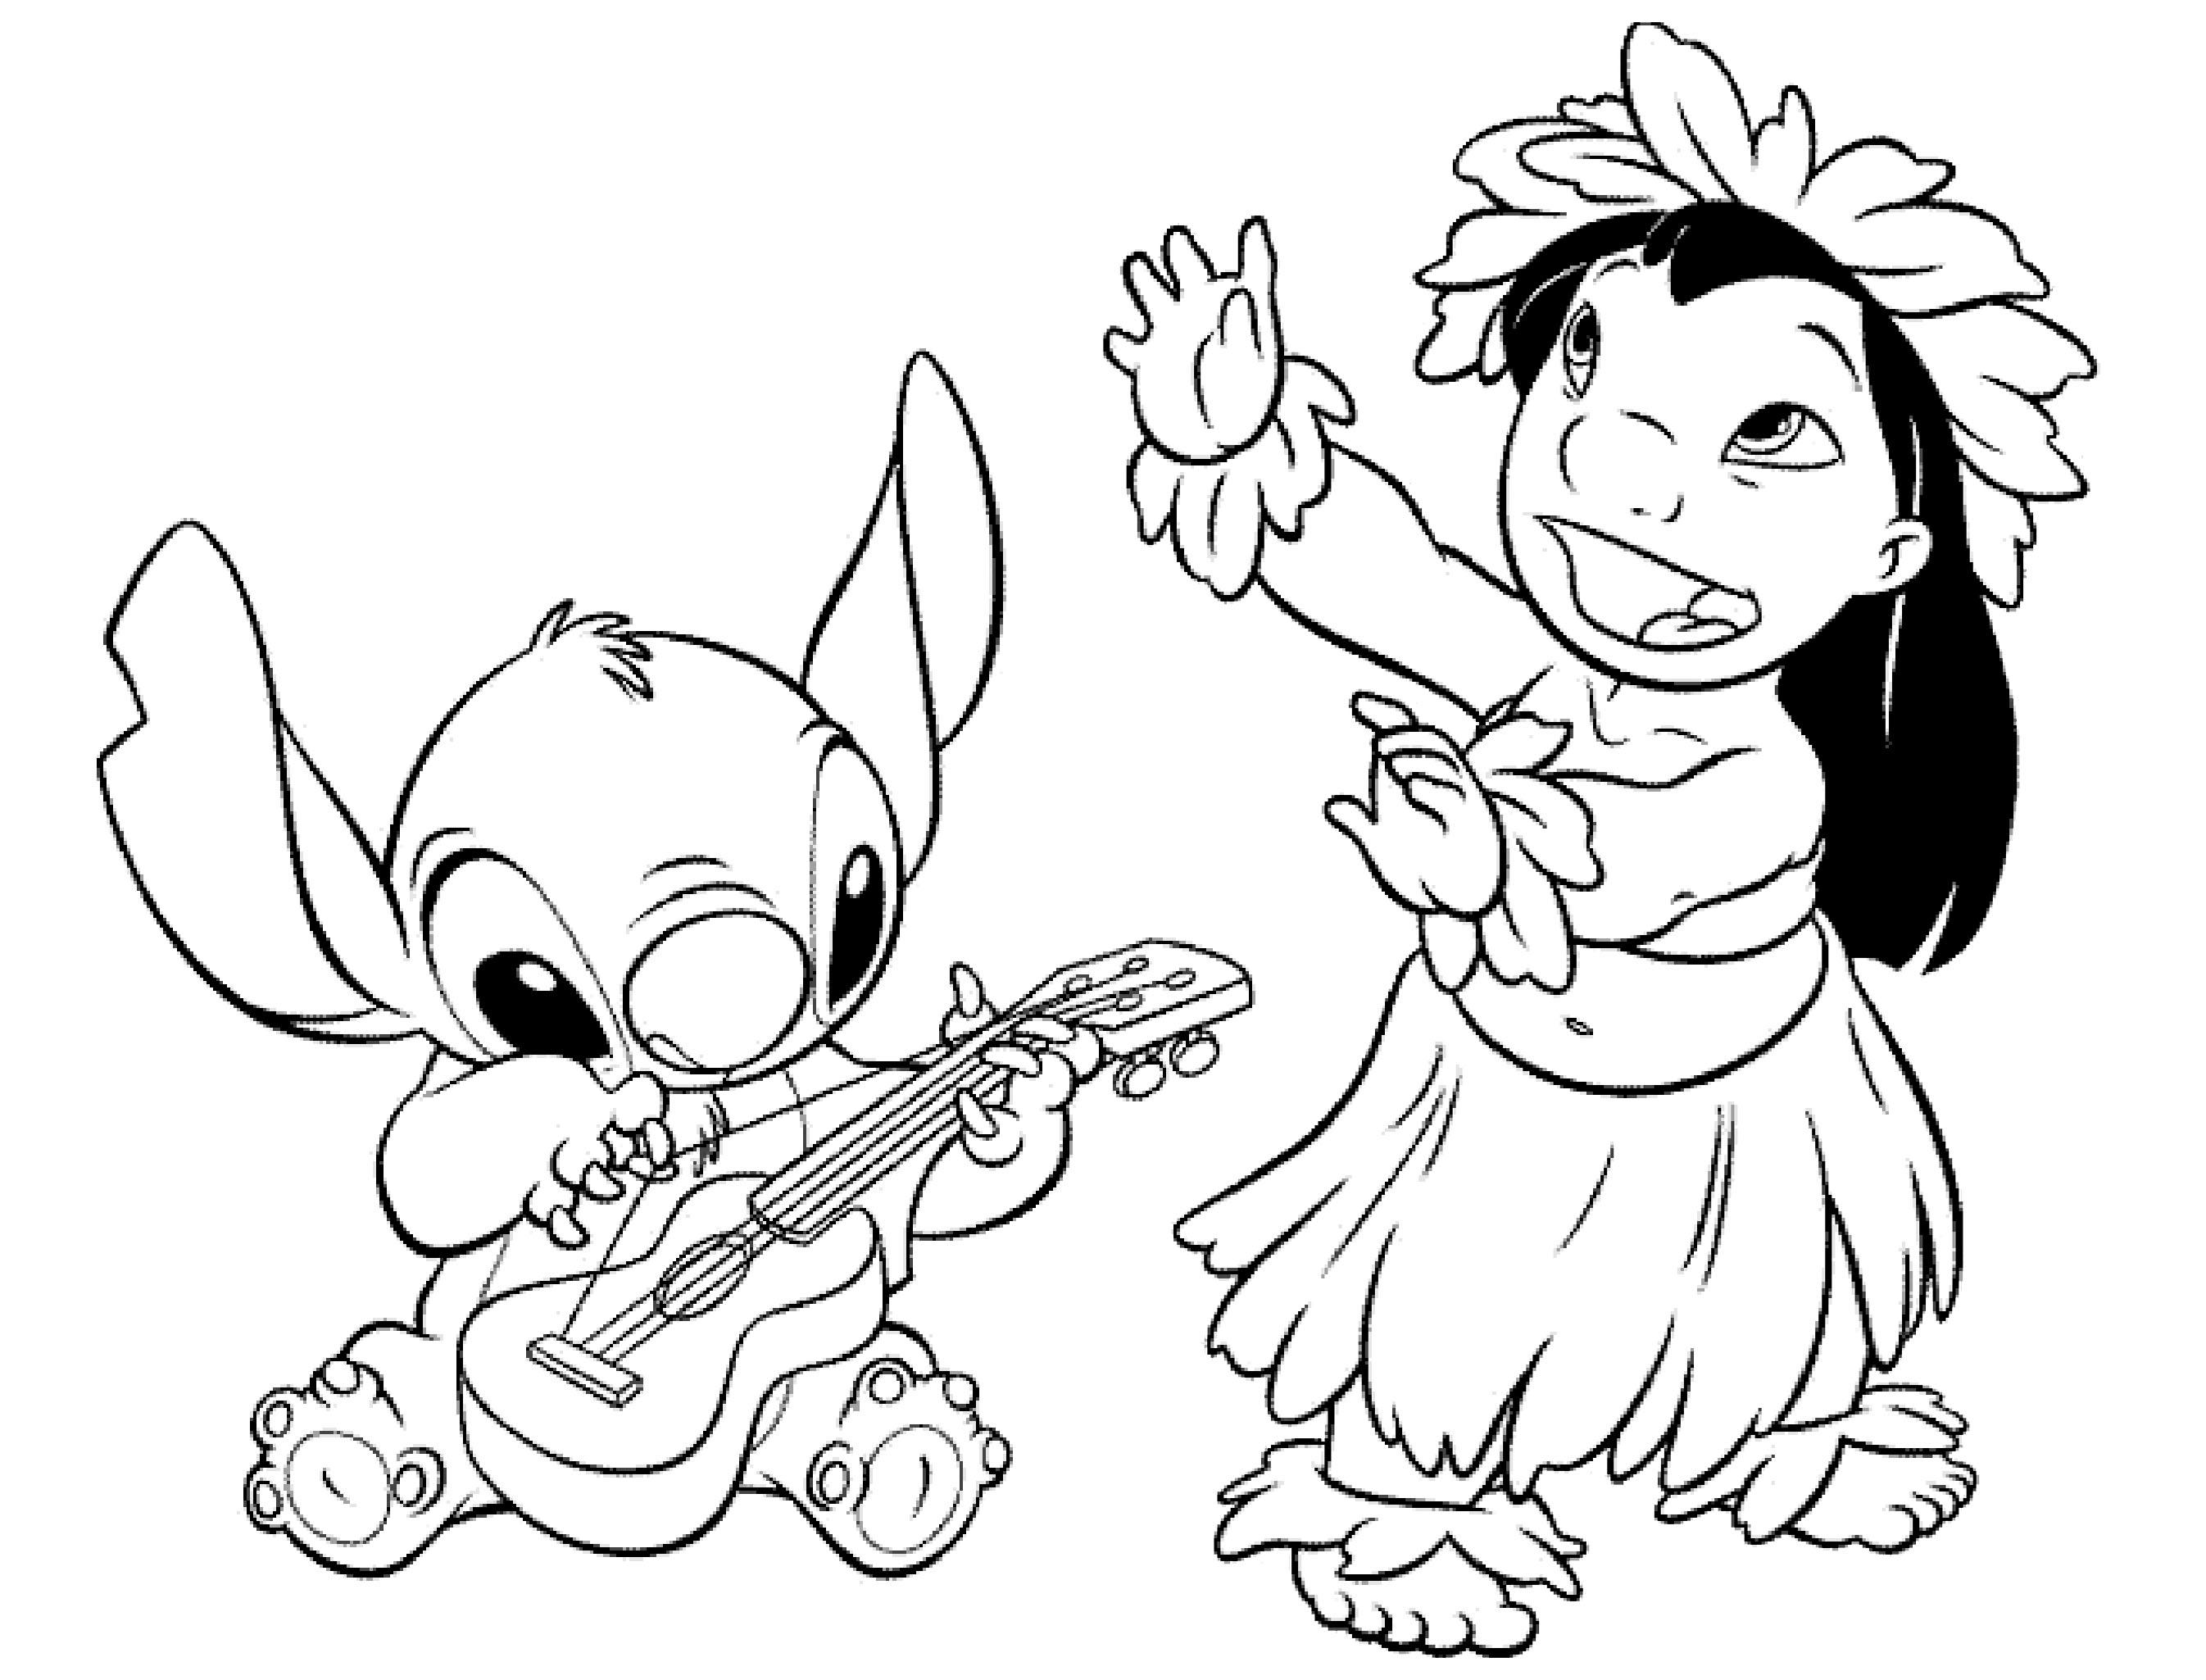 Coloriage Lilo et stich pour enfants   Coloriage Lilo et Stich ...